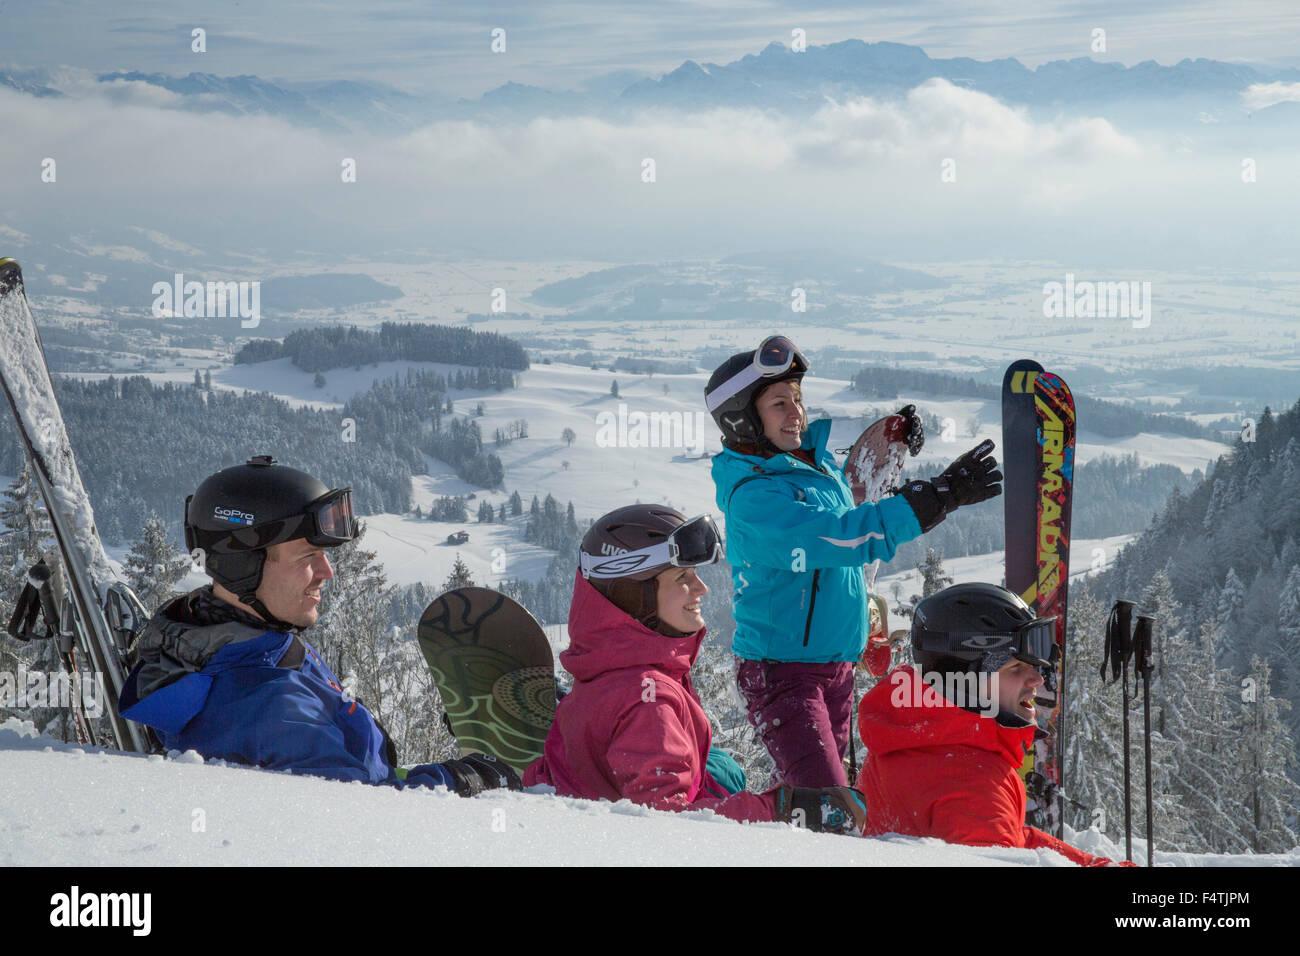 Les sports d'hiver en Atzmännig Photo Stock